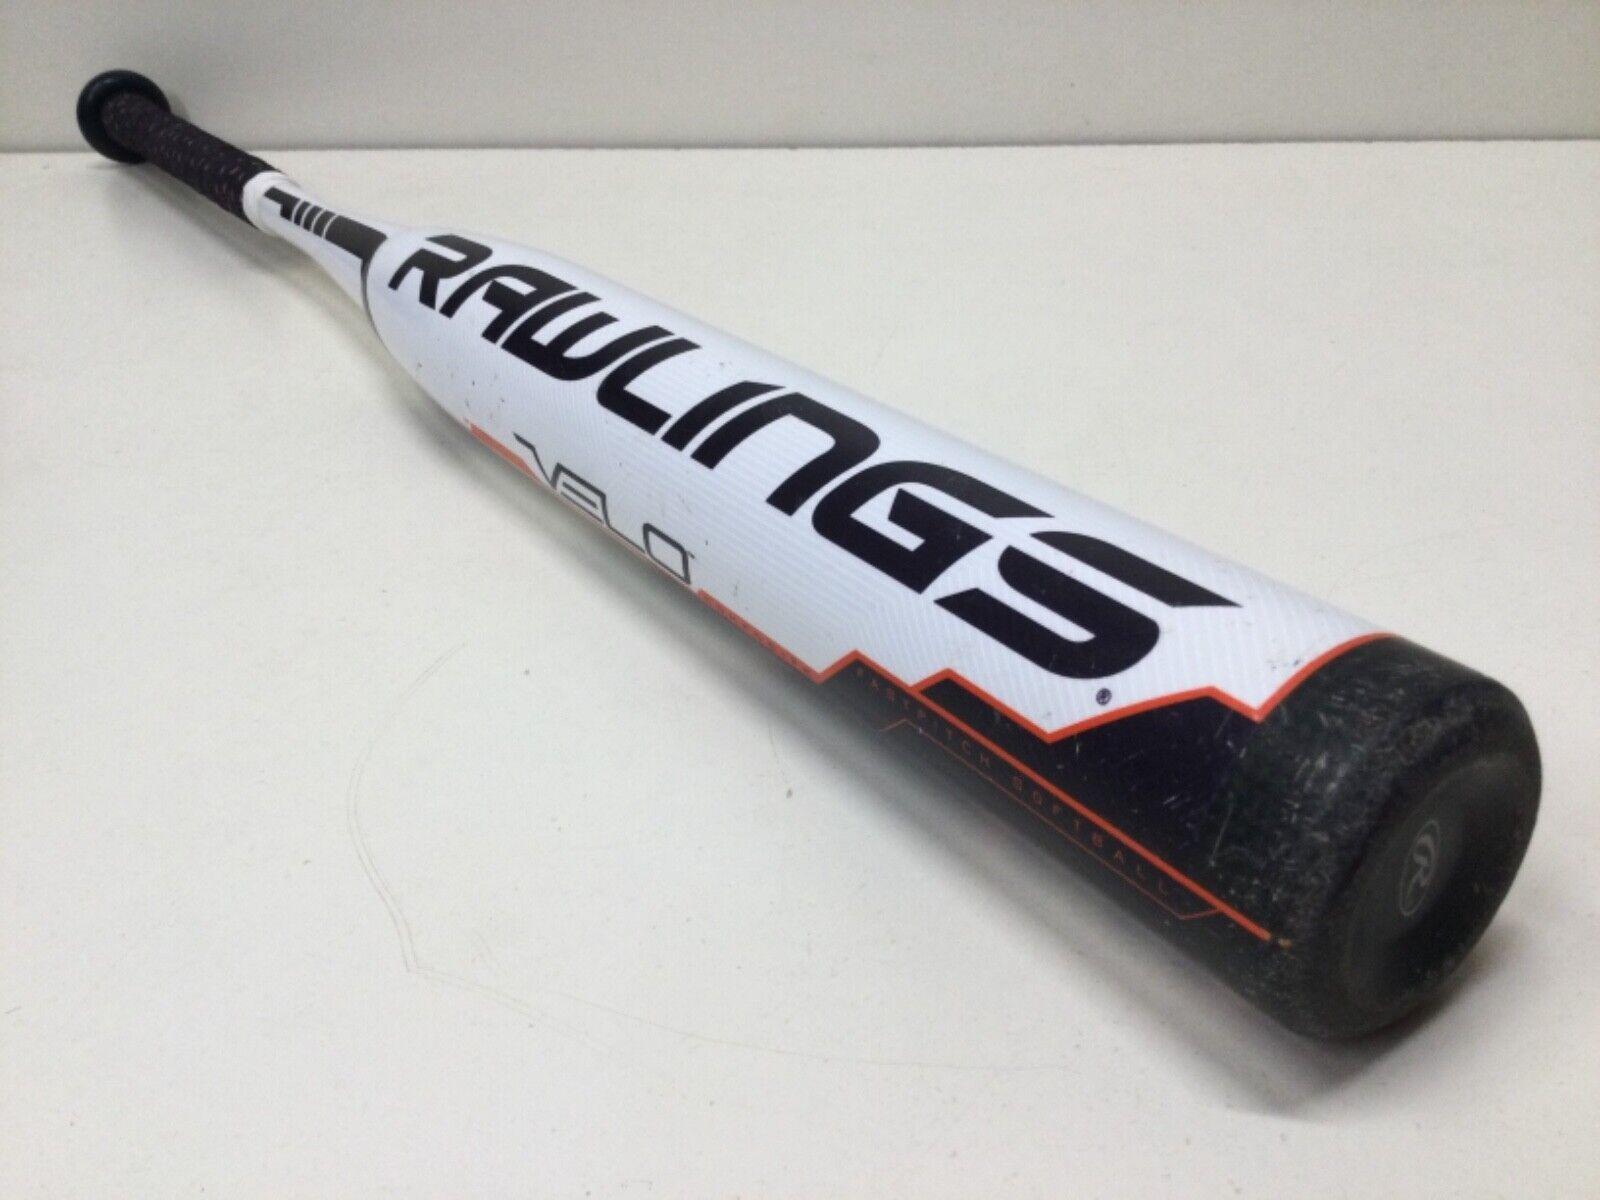 velo 31 21 fp8v10 fastpitch softball bat